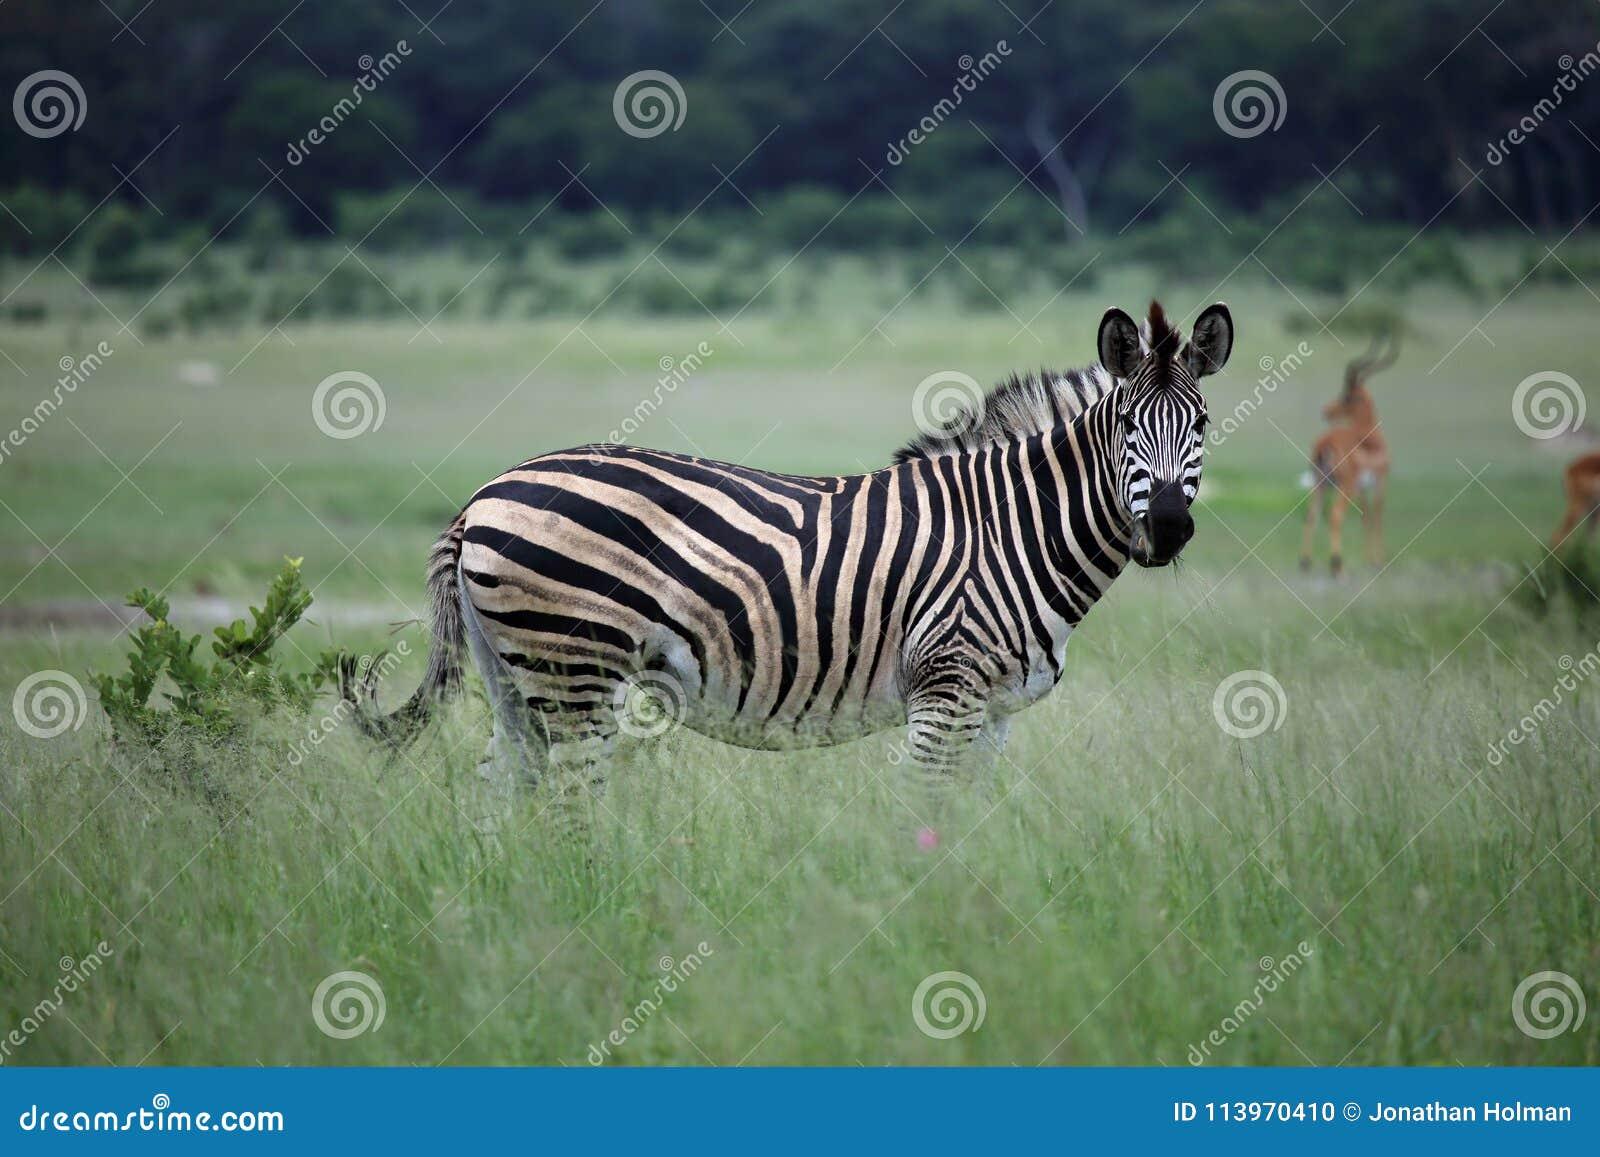 Zebra in Zimbabwe, Hwange National Park with Antelope Impala